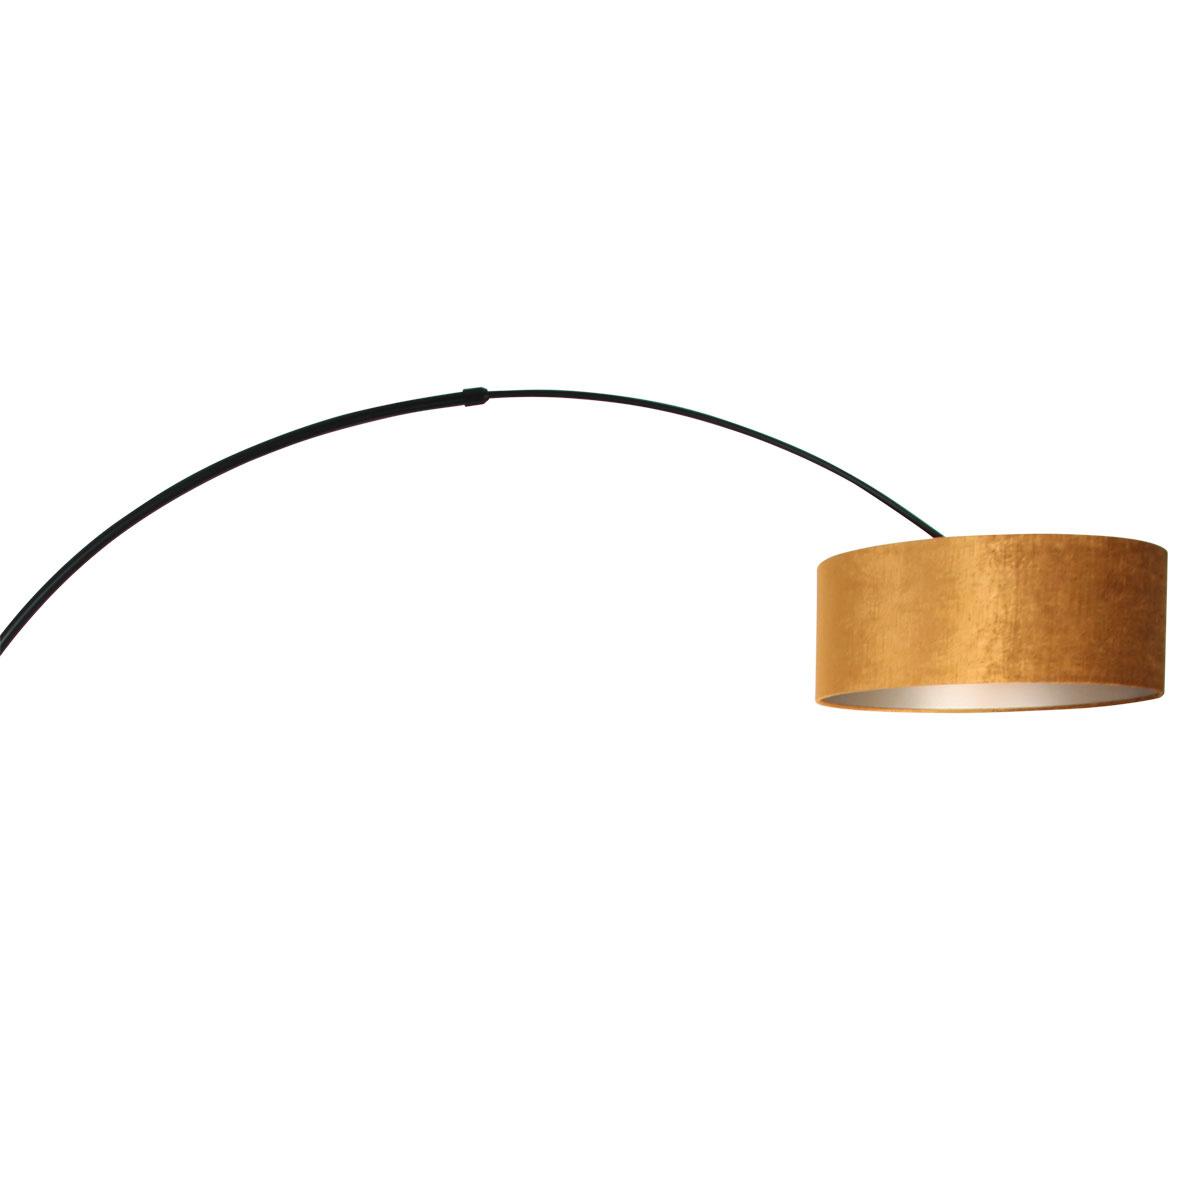 Steinhauer Vloerlamp Sparkled light 8129 zwart kap gouden velours